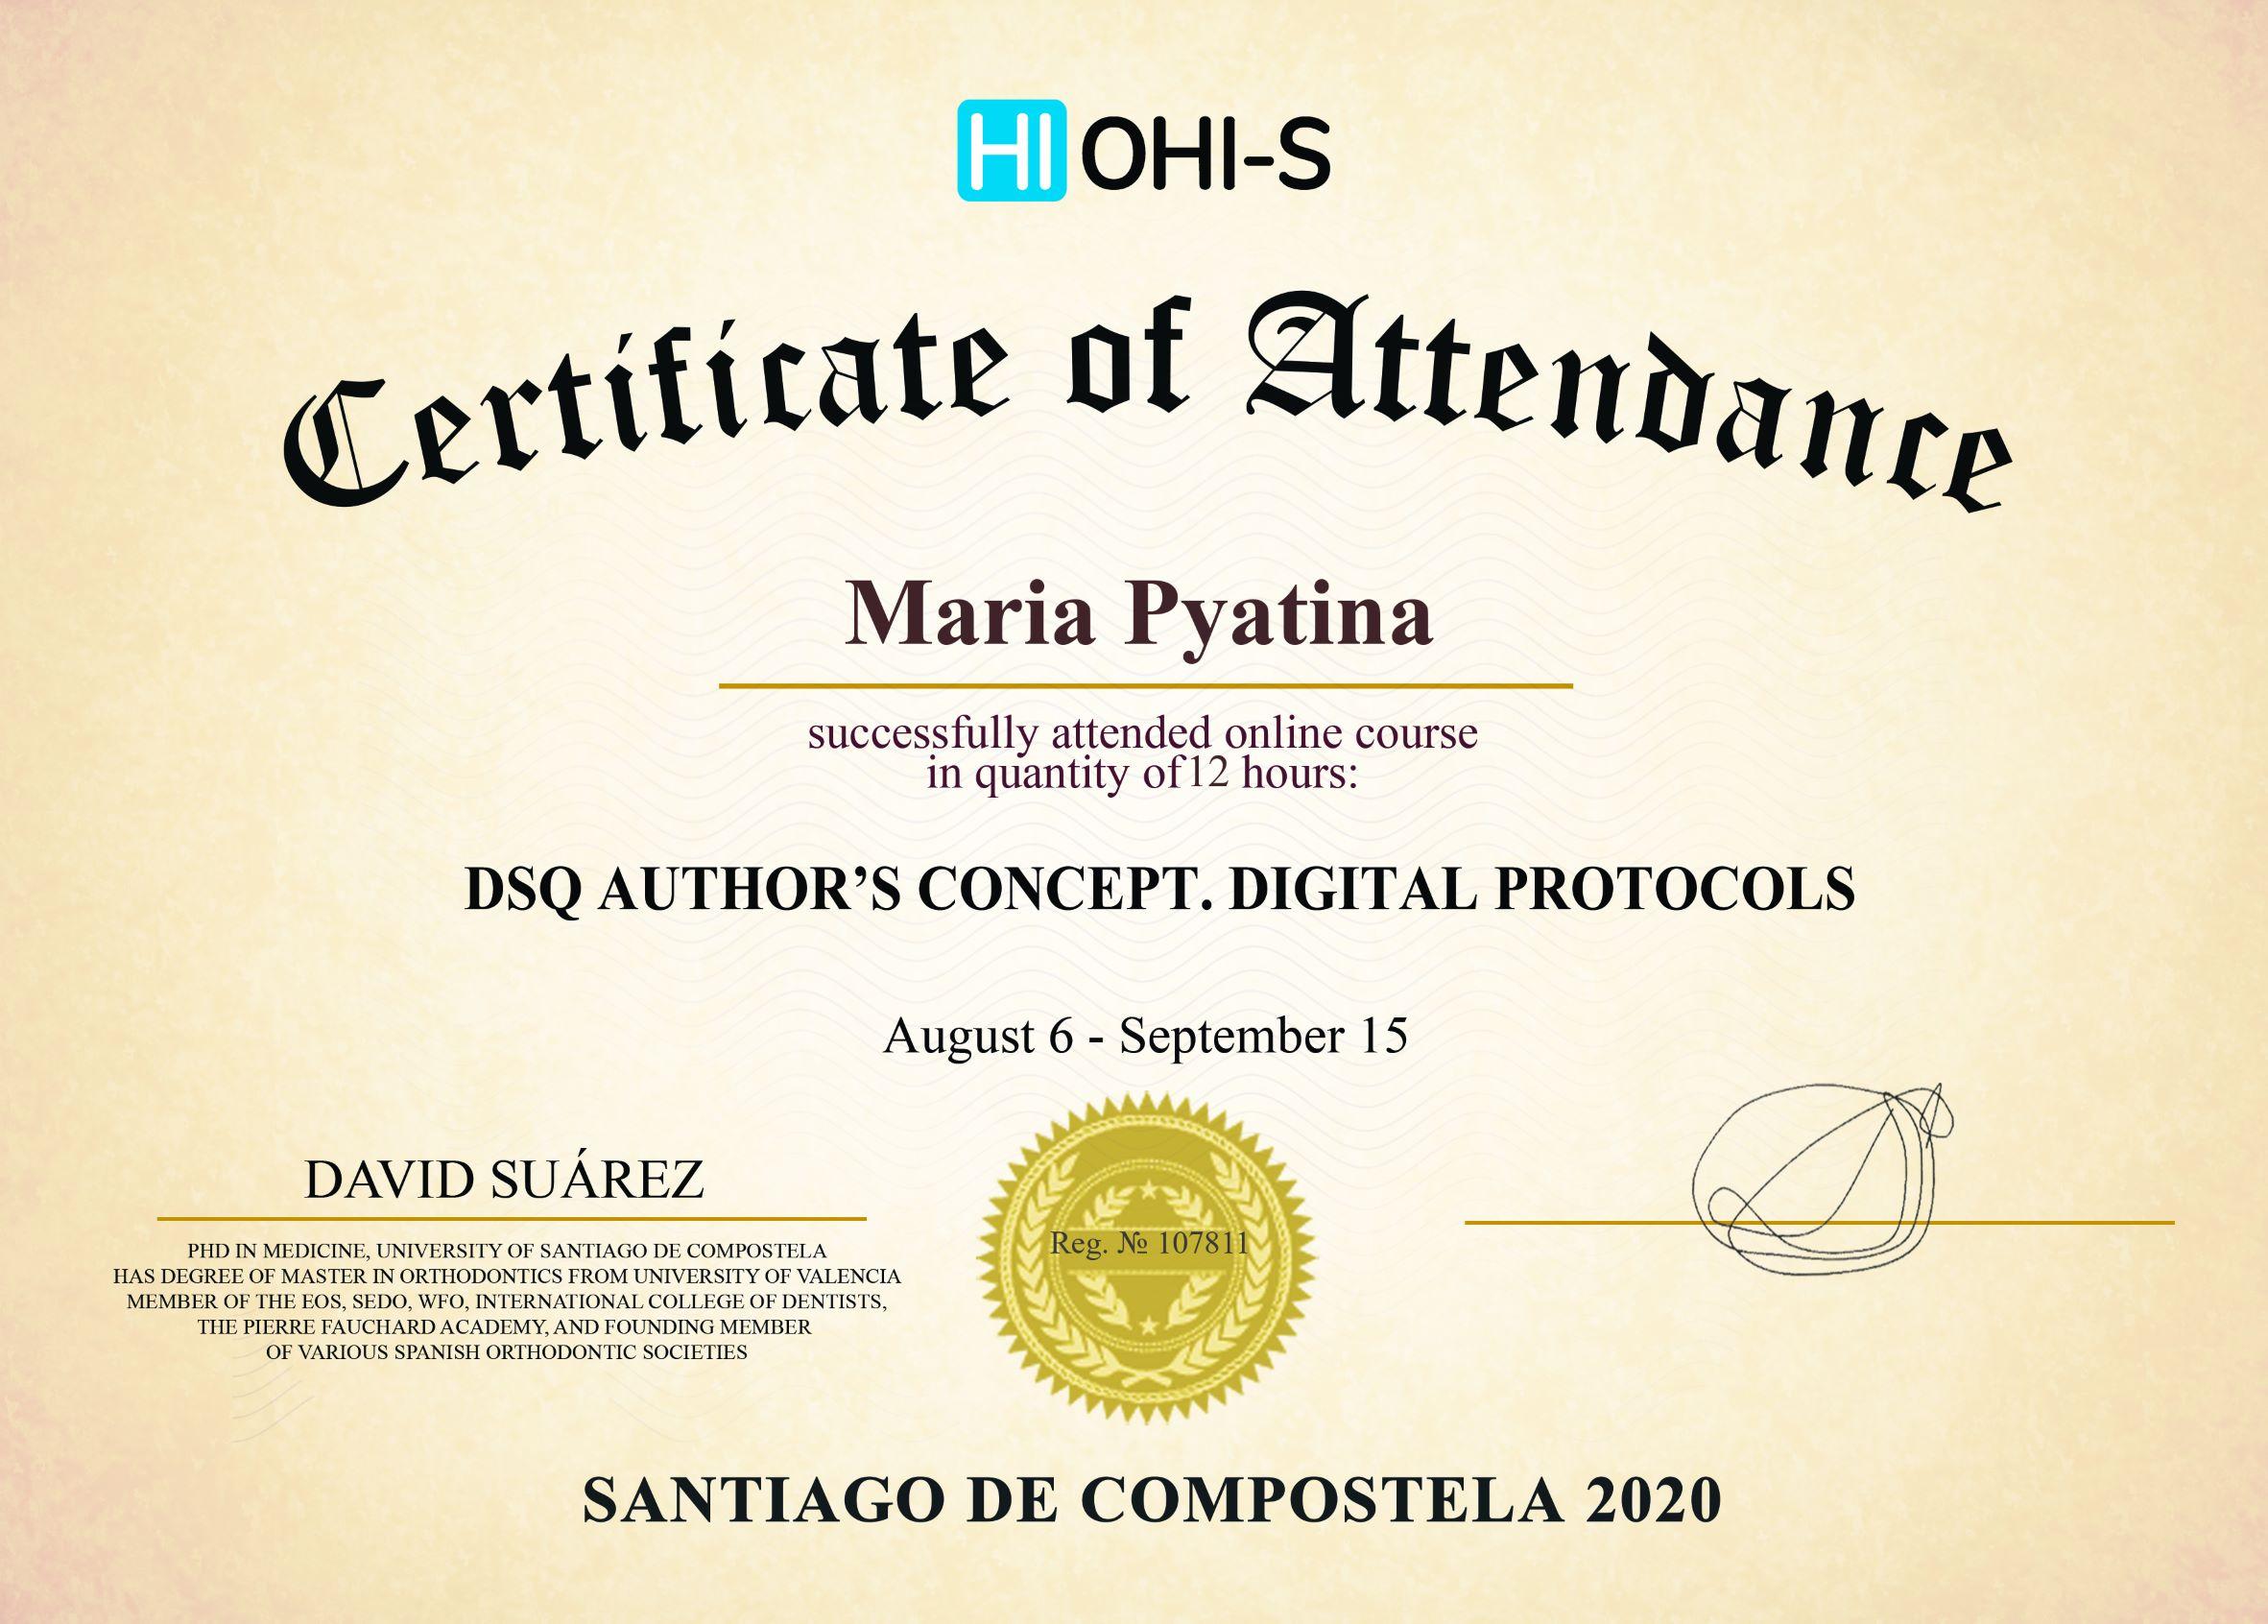 2020, HI OHI-S, Santiago de Compostela